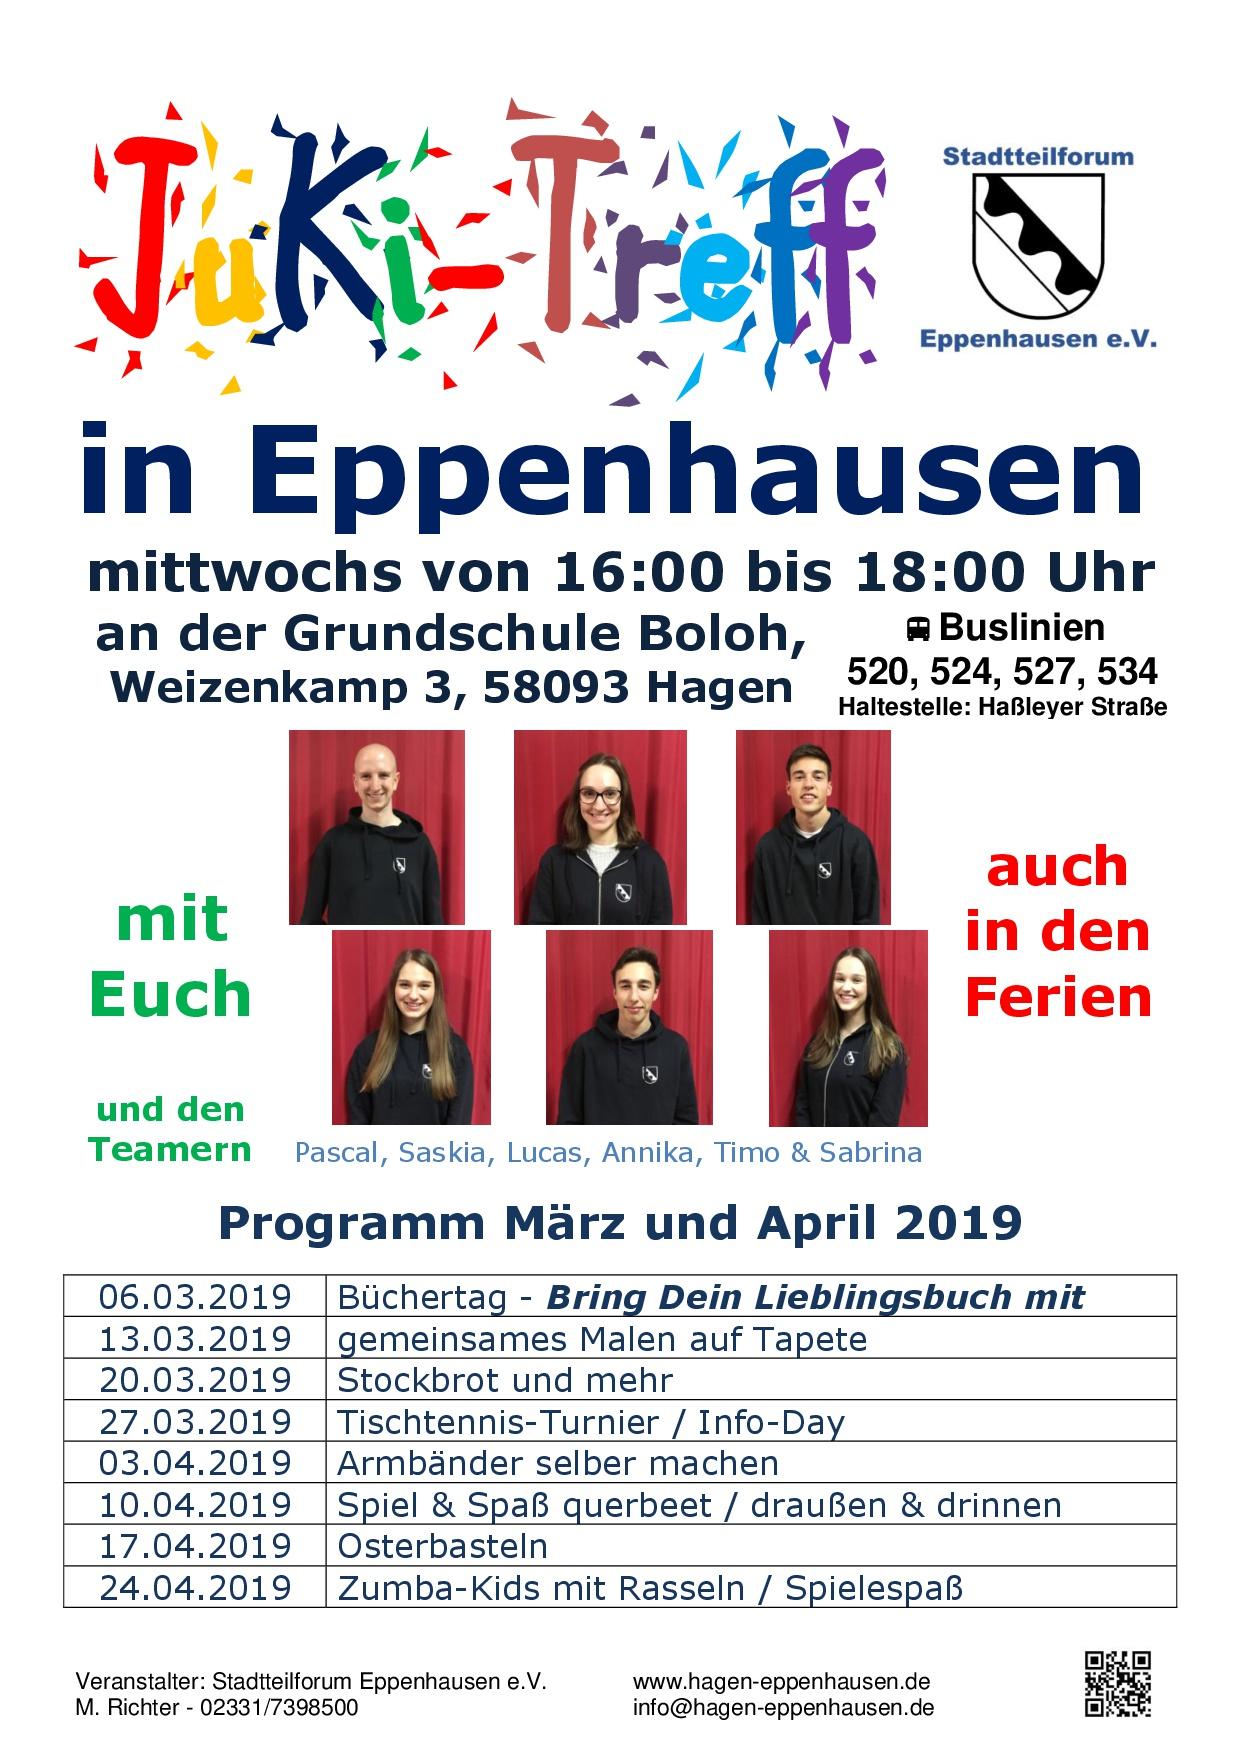 JuKi-Treff in Eppenhausen - auch in den Ferien